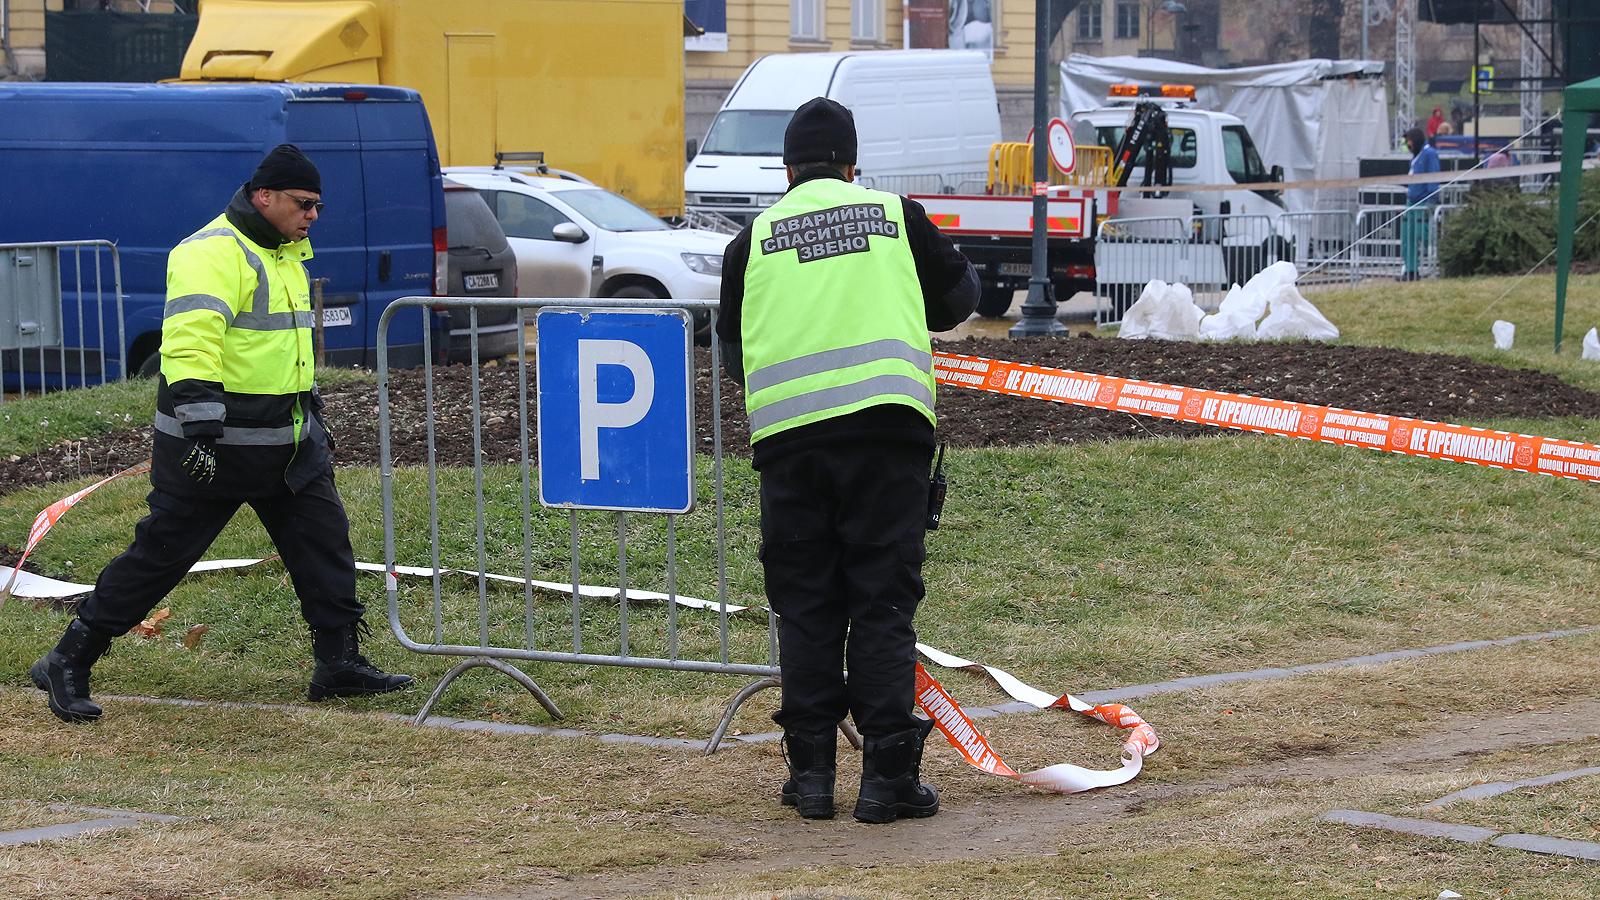 На площада ще бъде изкаран целият наличен състав на полицията. Препоръката е гражданите да не носят стъклени бутилки и огнестрелно оръжие, както и да не отиват на площада в нетрезво състояние. Глобата за нарушителите от 500 до 2500 лева.